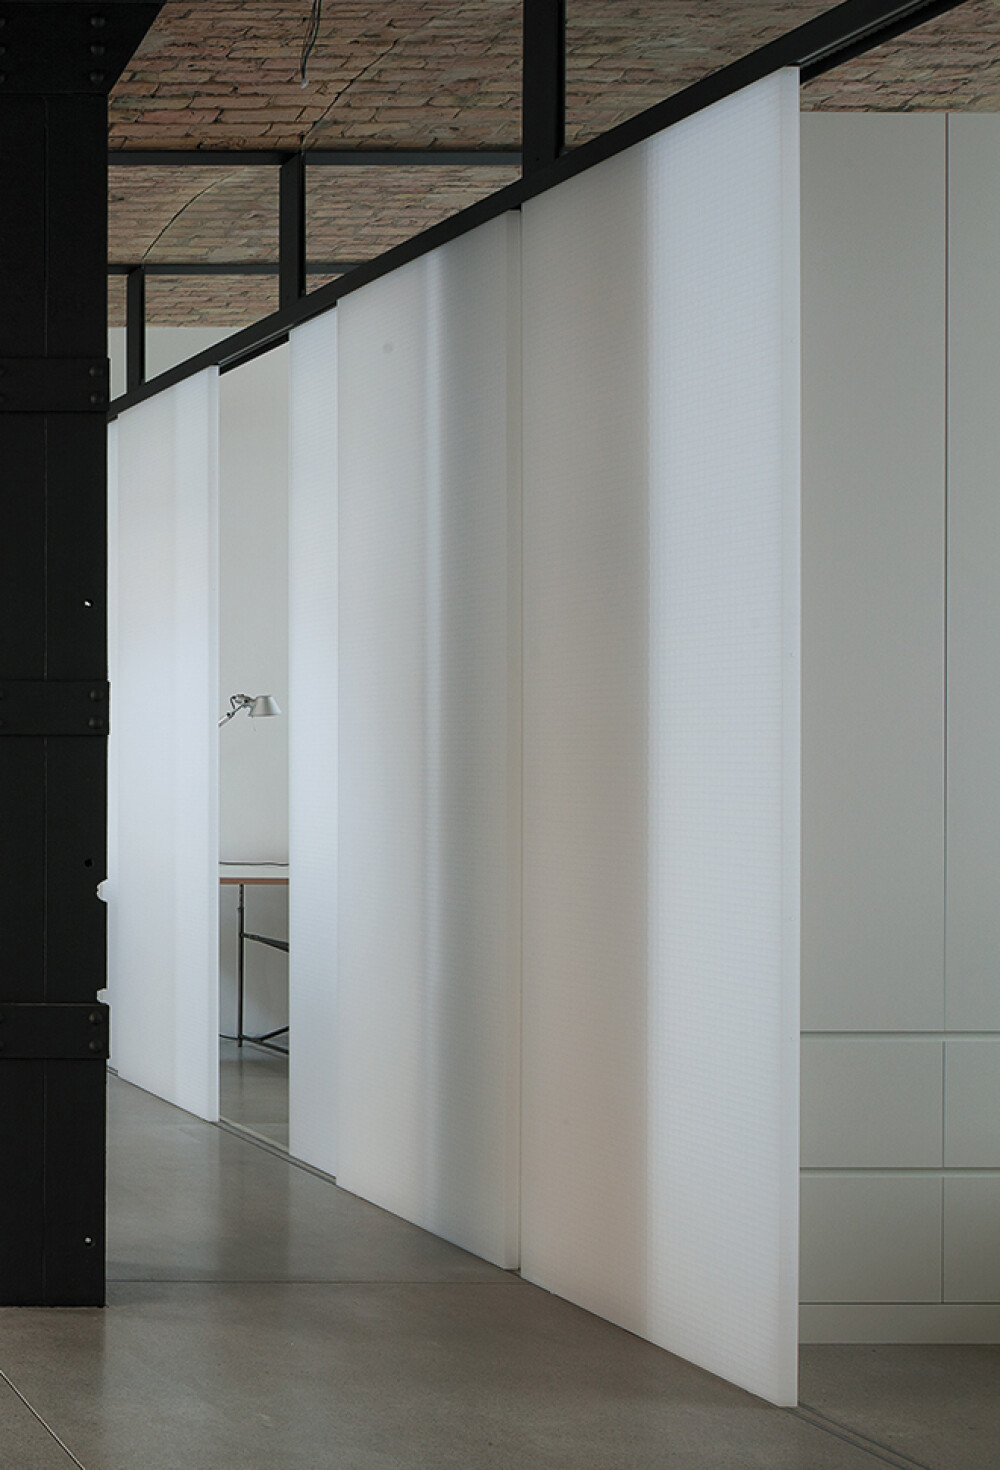 Wabenpaneel-Schiebetür WP00 als Raumteiler im Loft